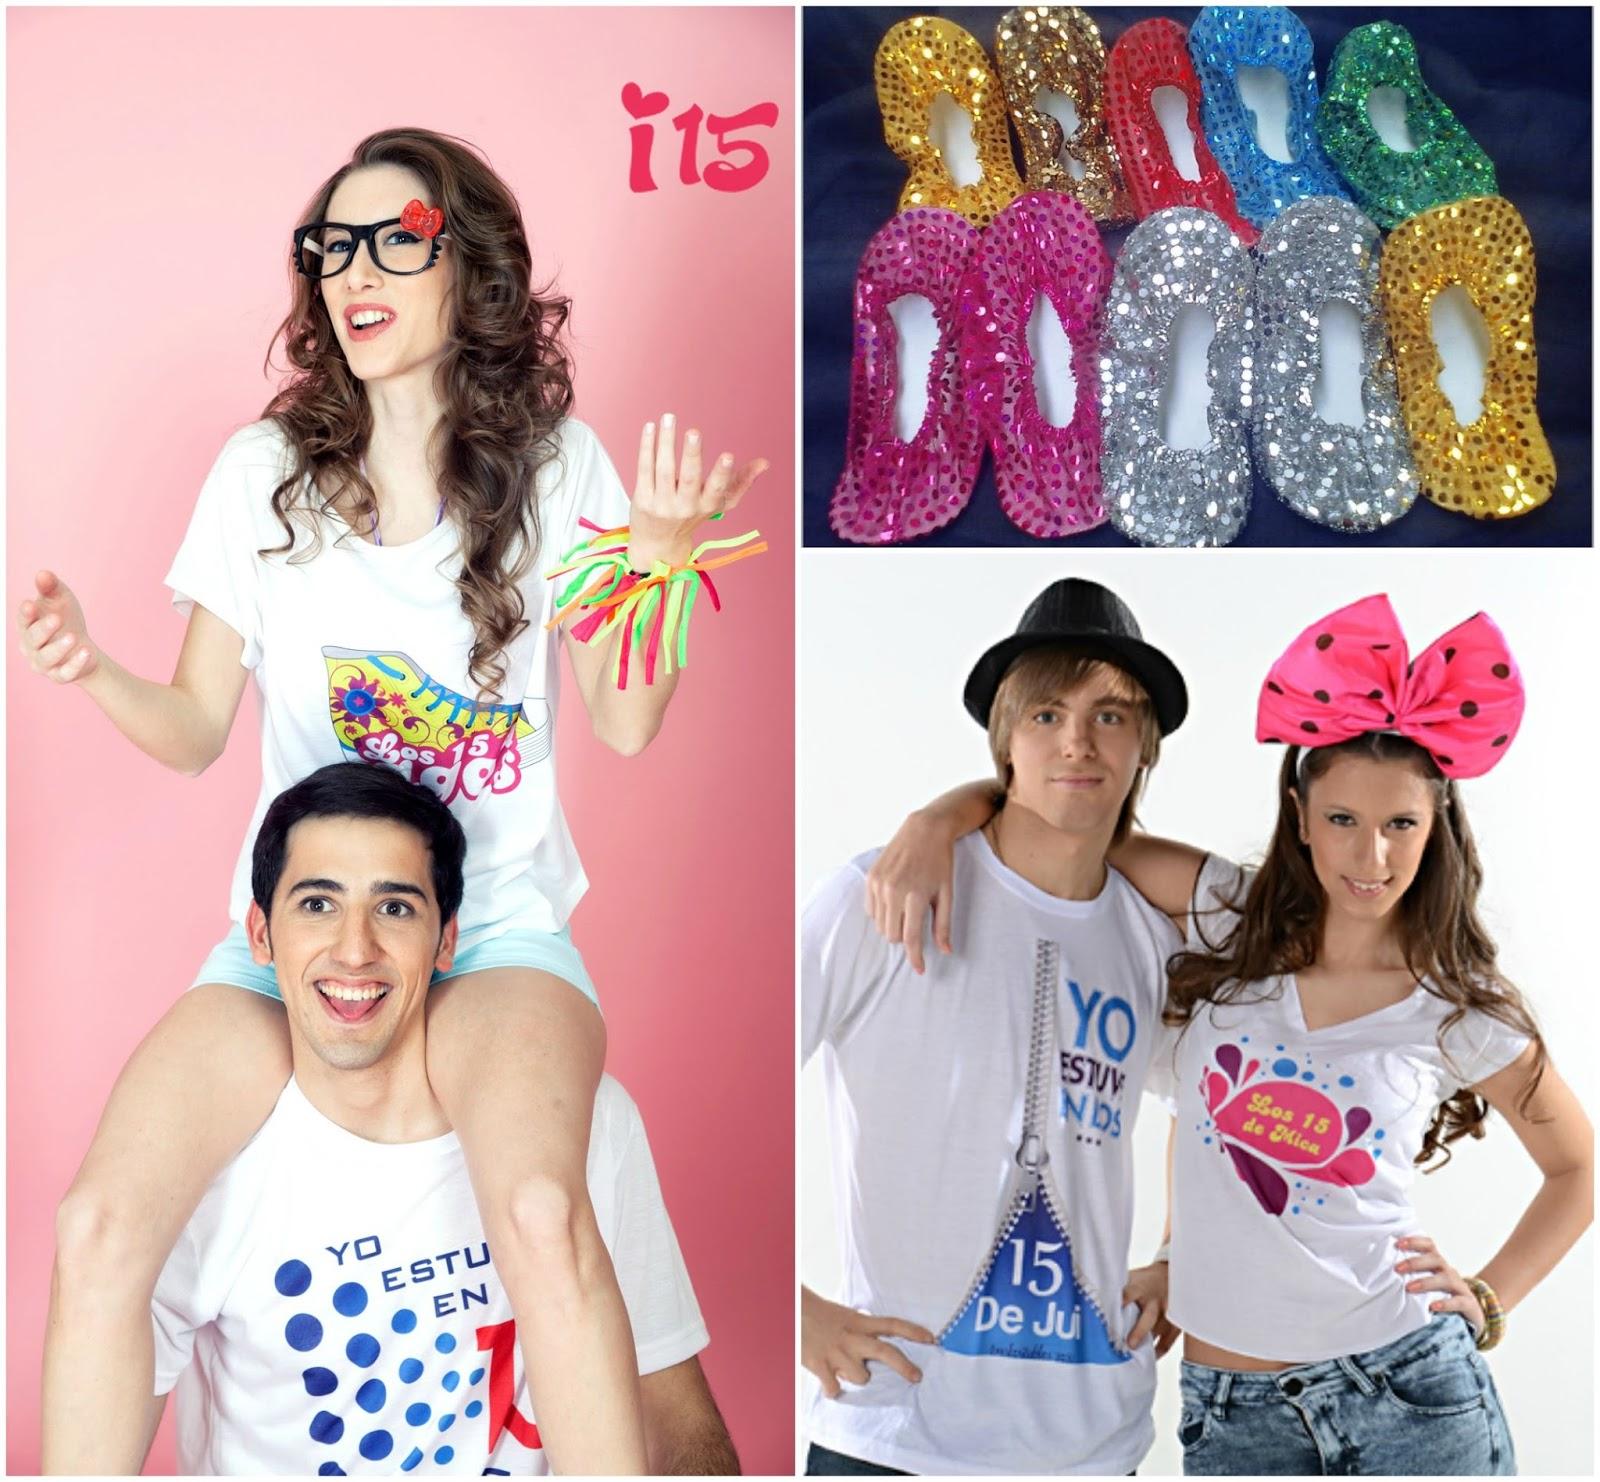 Fantástico Cómo Vestir Para La Fiesta De Carnaval Galería - Ideas de ...